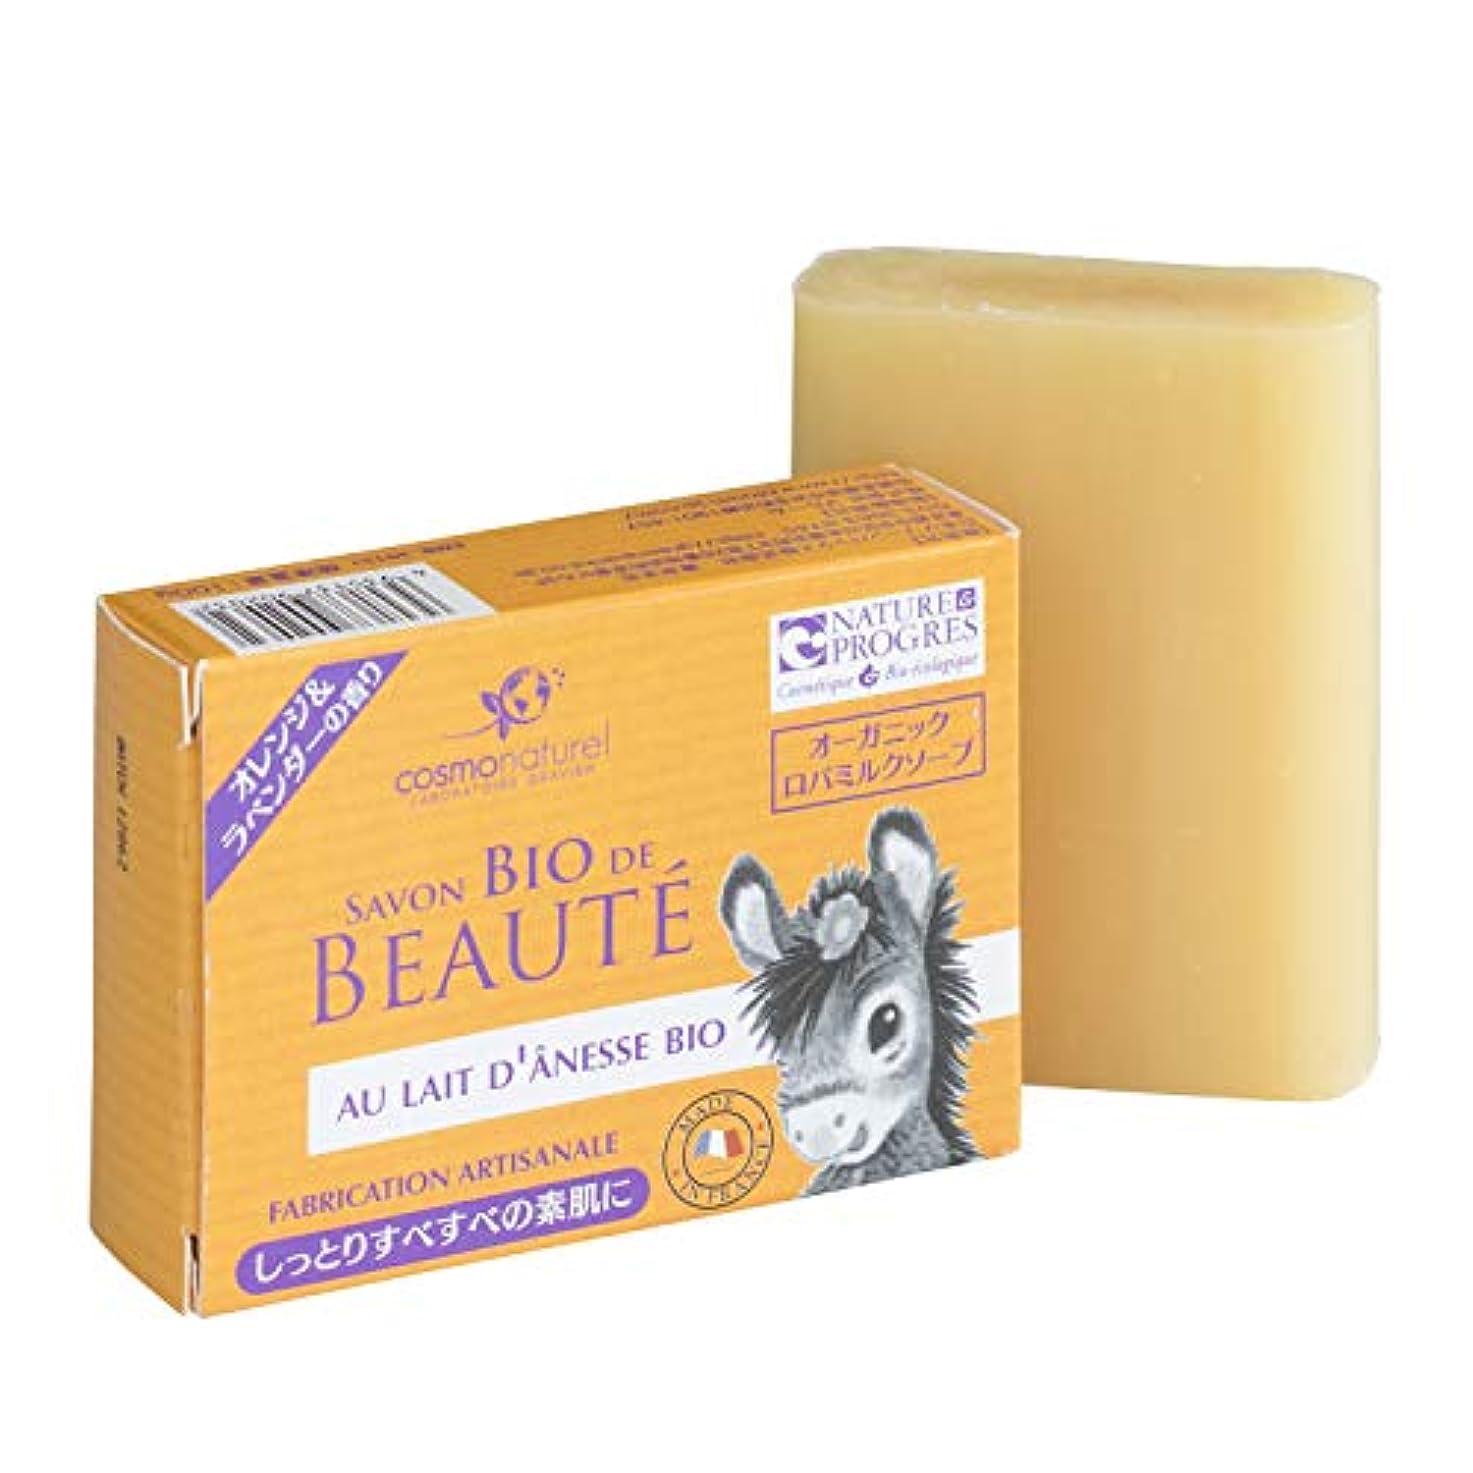 守る見せます揮発性コスモナチュレル オーガニック ロバミルクソープ オレンジ&ラベンダーの香り 100g